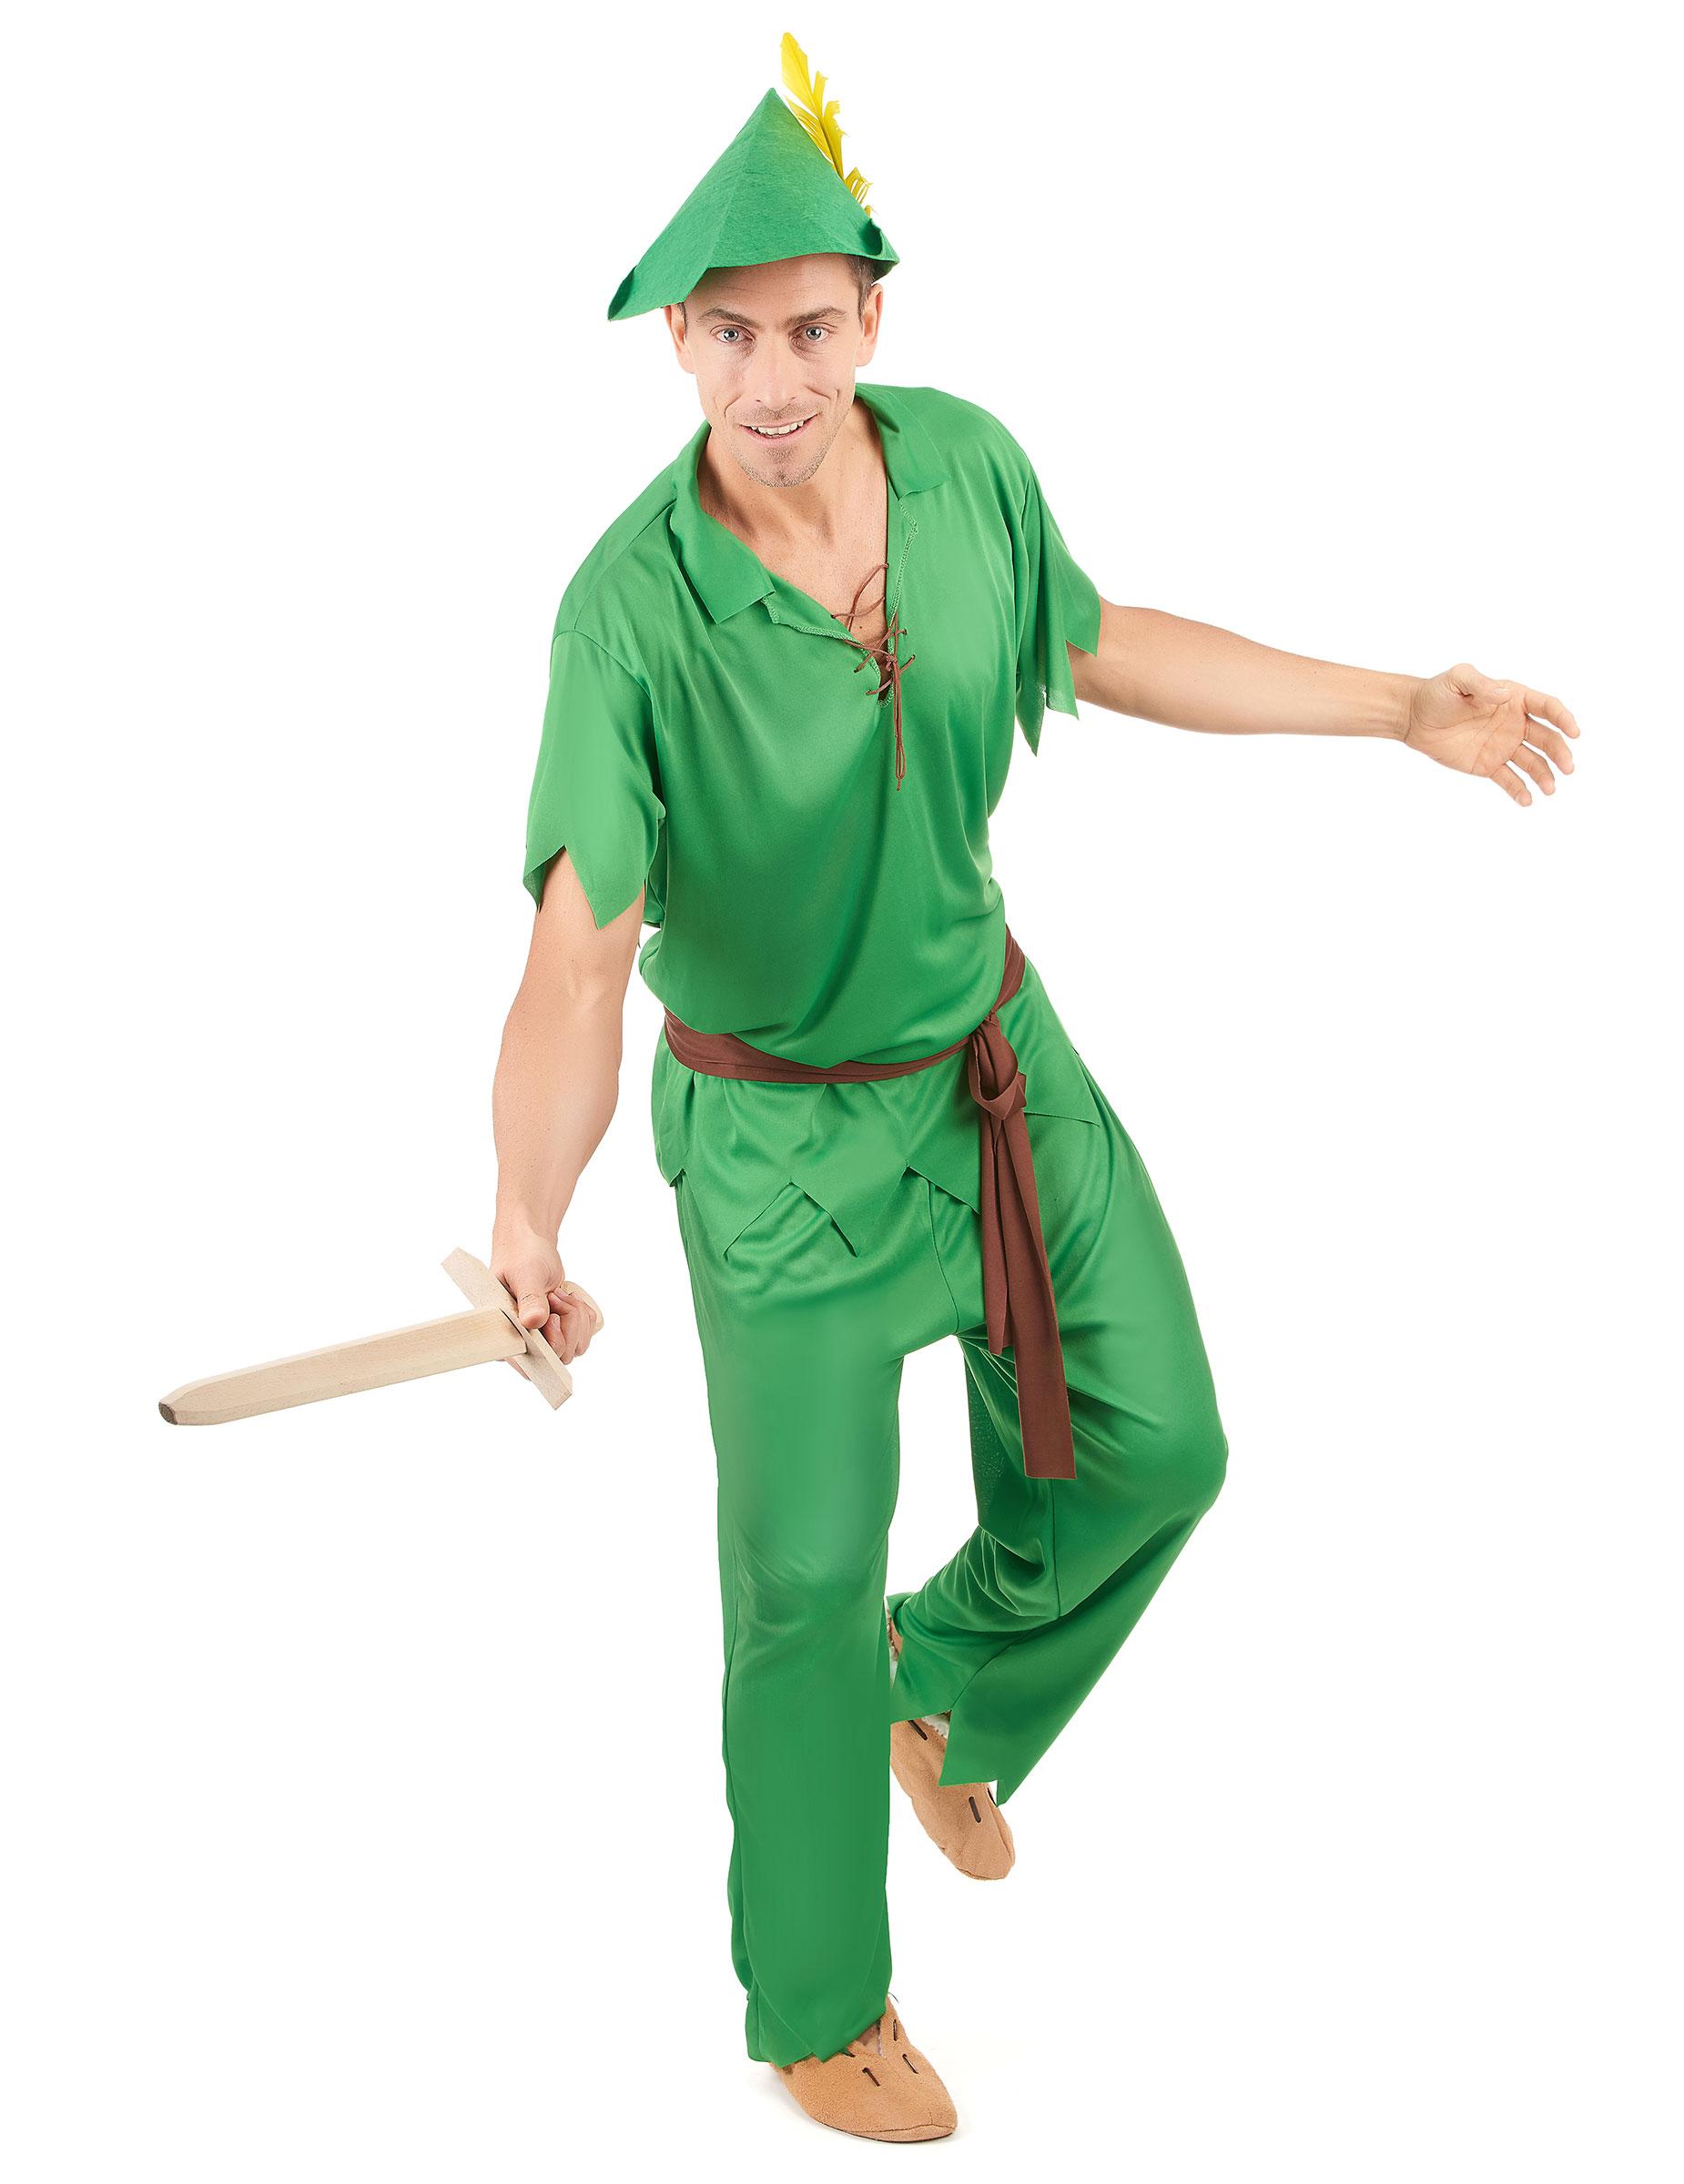 grande varietà qualità autentica classcic Costume da ragazzo dell'isola fantastica per adulto